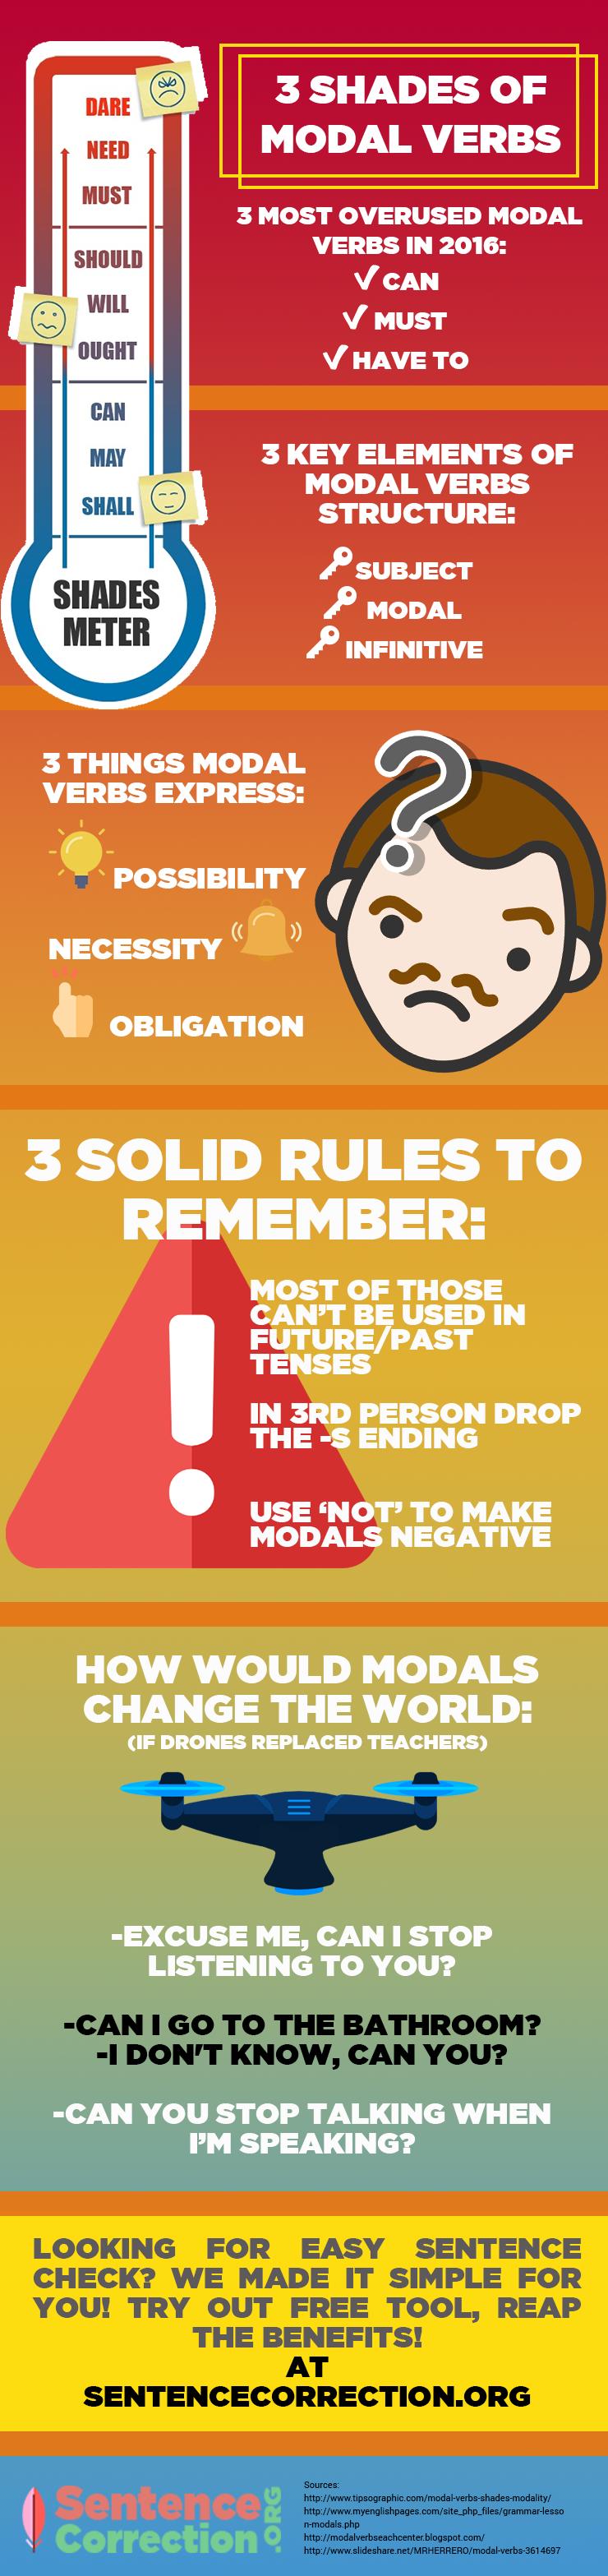 modal verbs rules